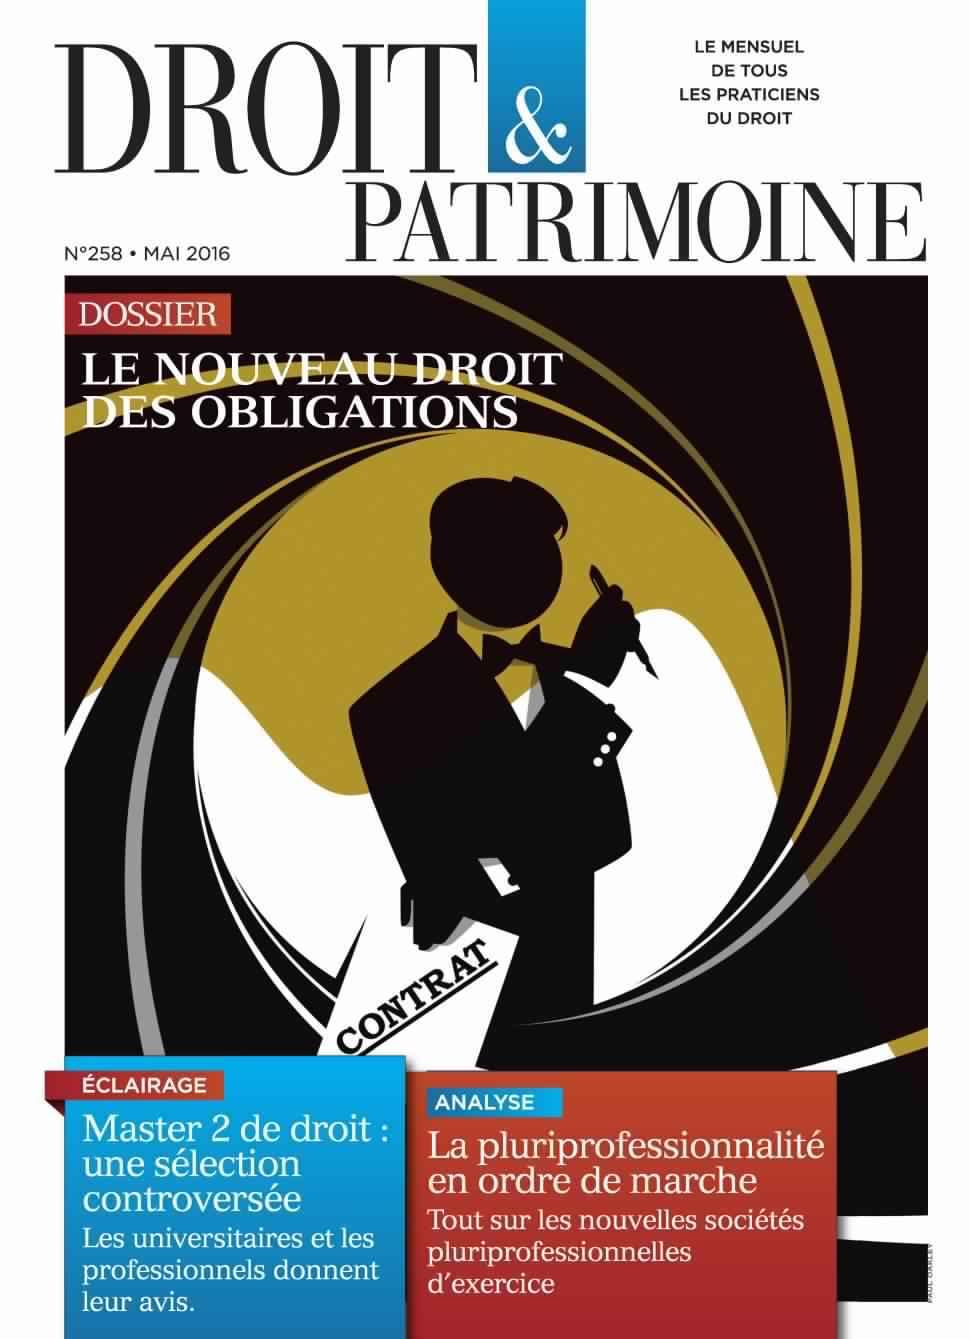 Droit & Patrimoine 258 - Mai 2016